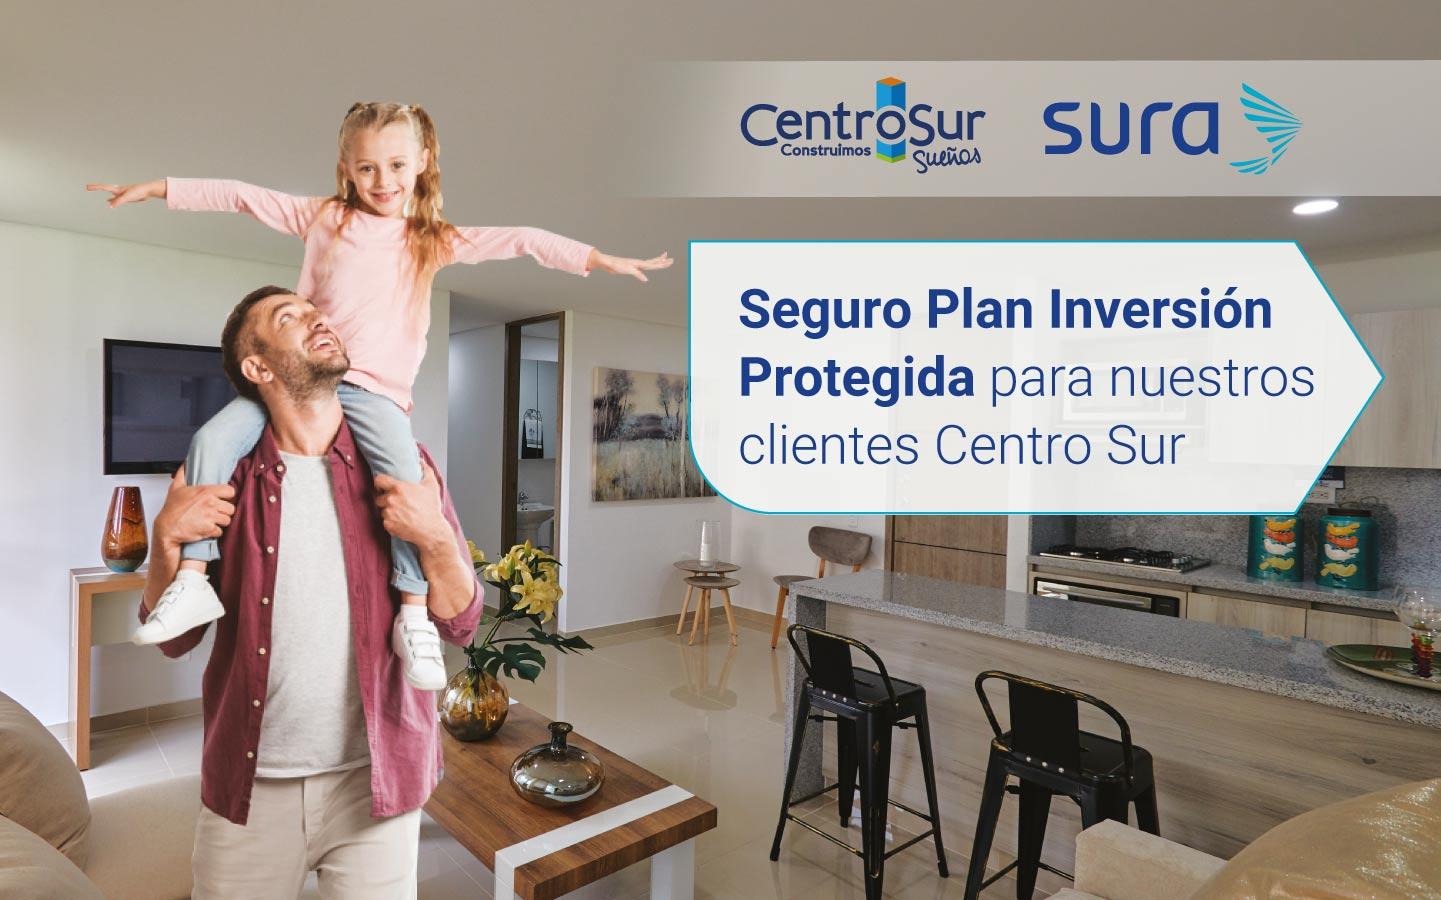 Plan Inversión Protegida para nuestros clientes Centro Sur